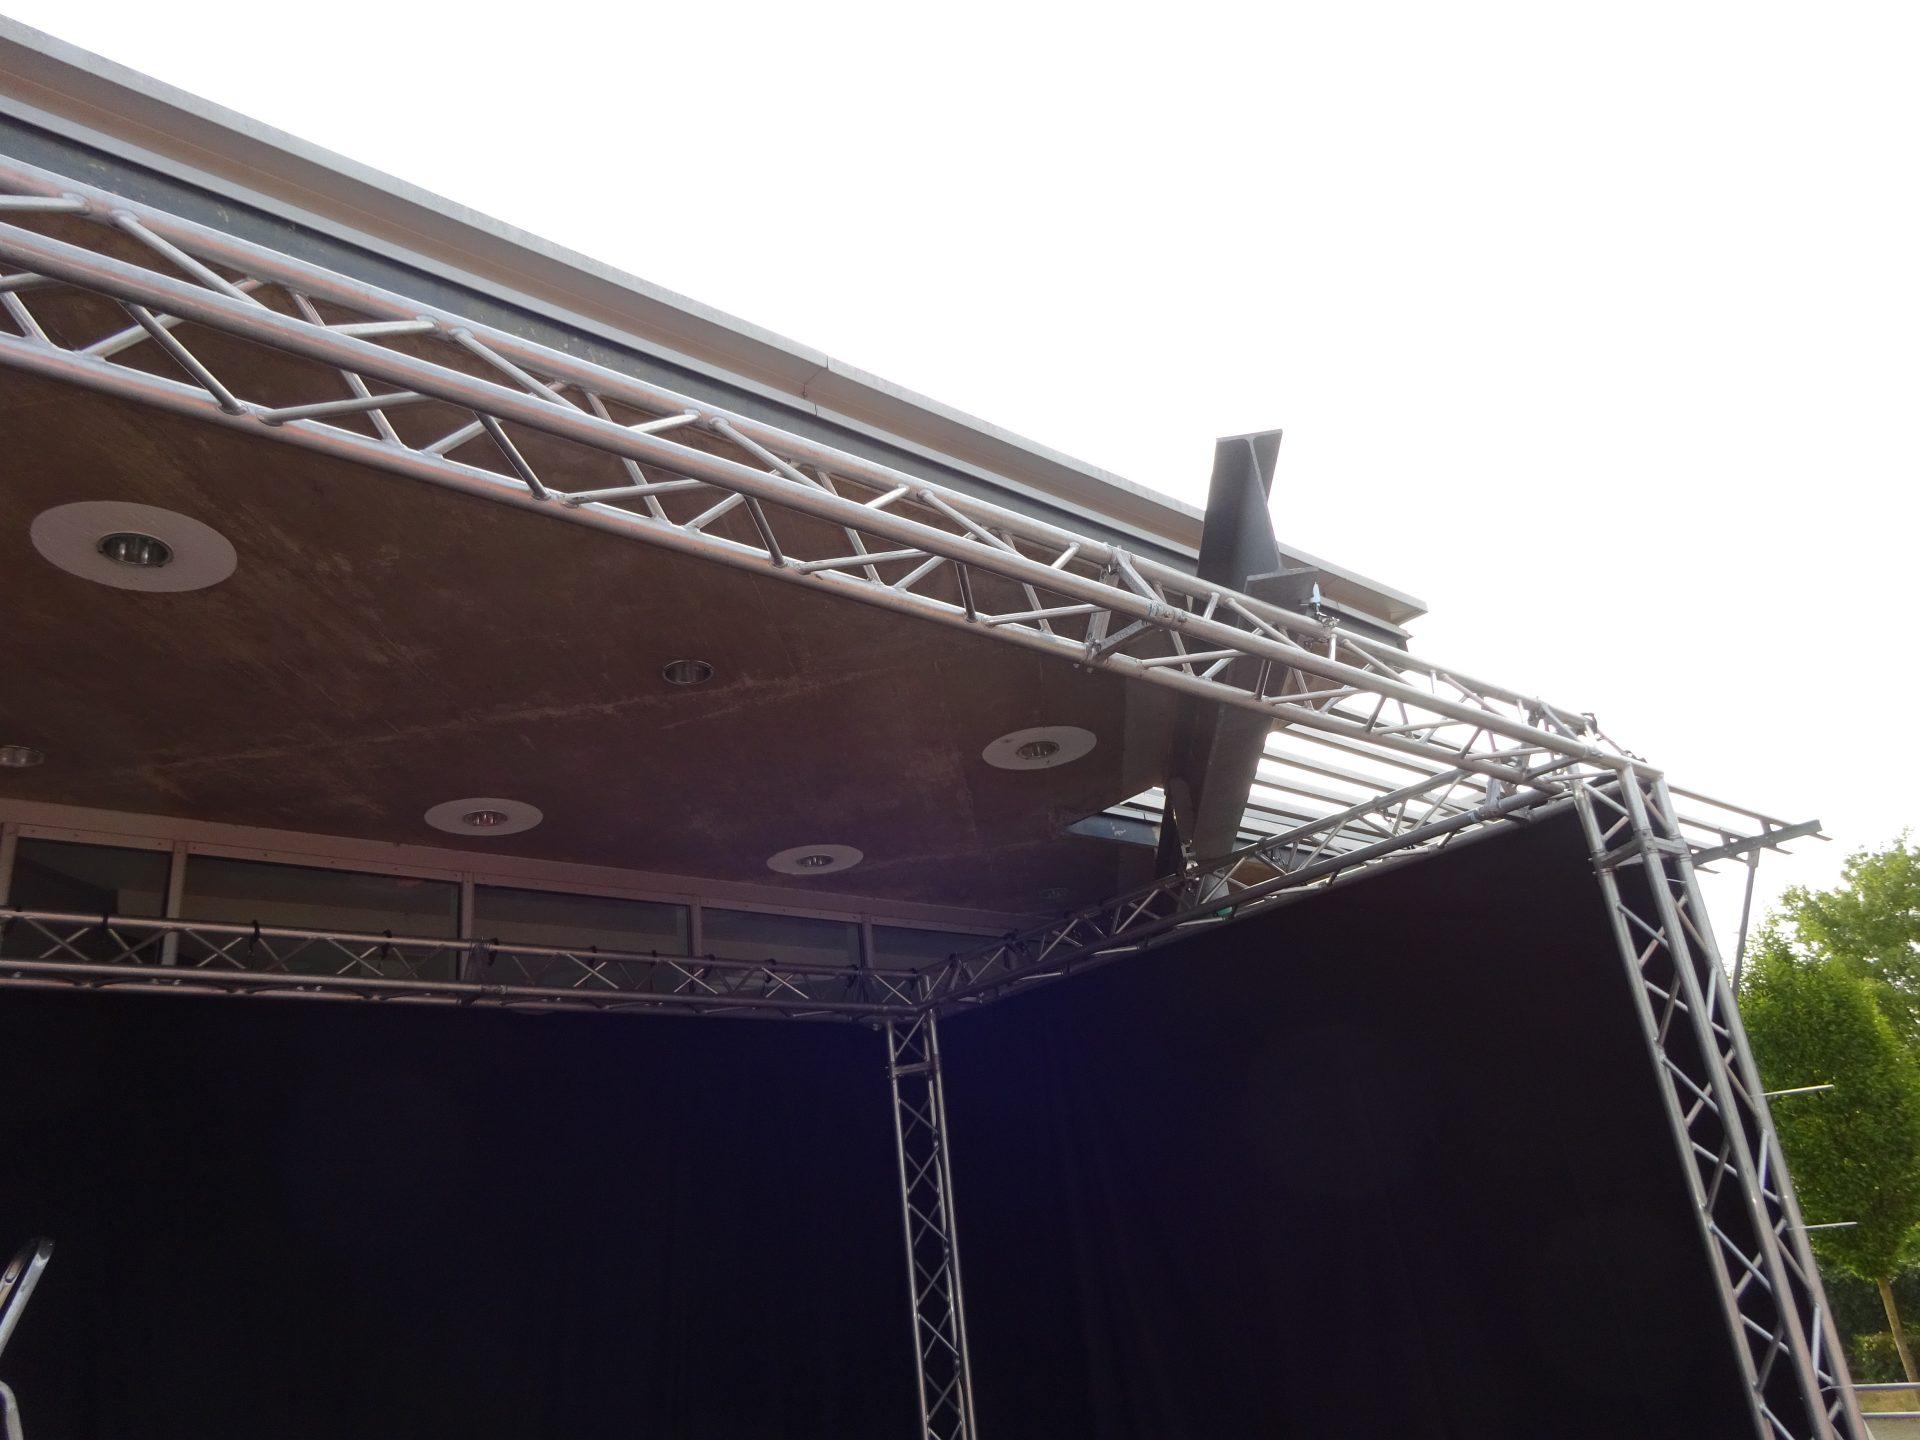 Bühnenumrandung passgenau am Träger